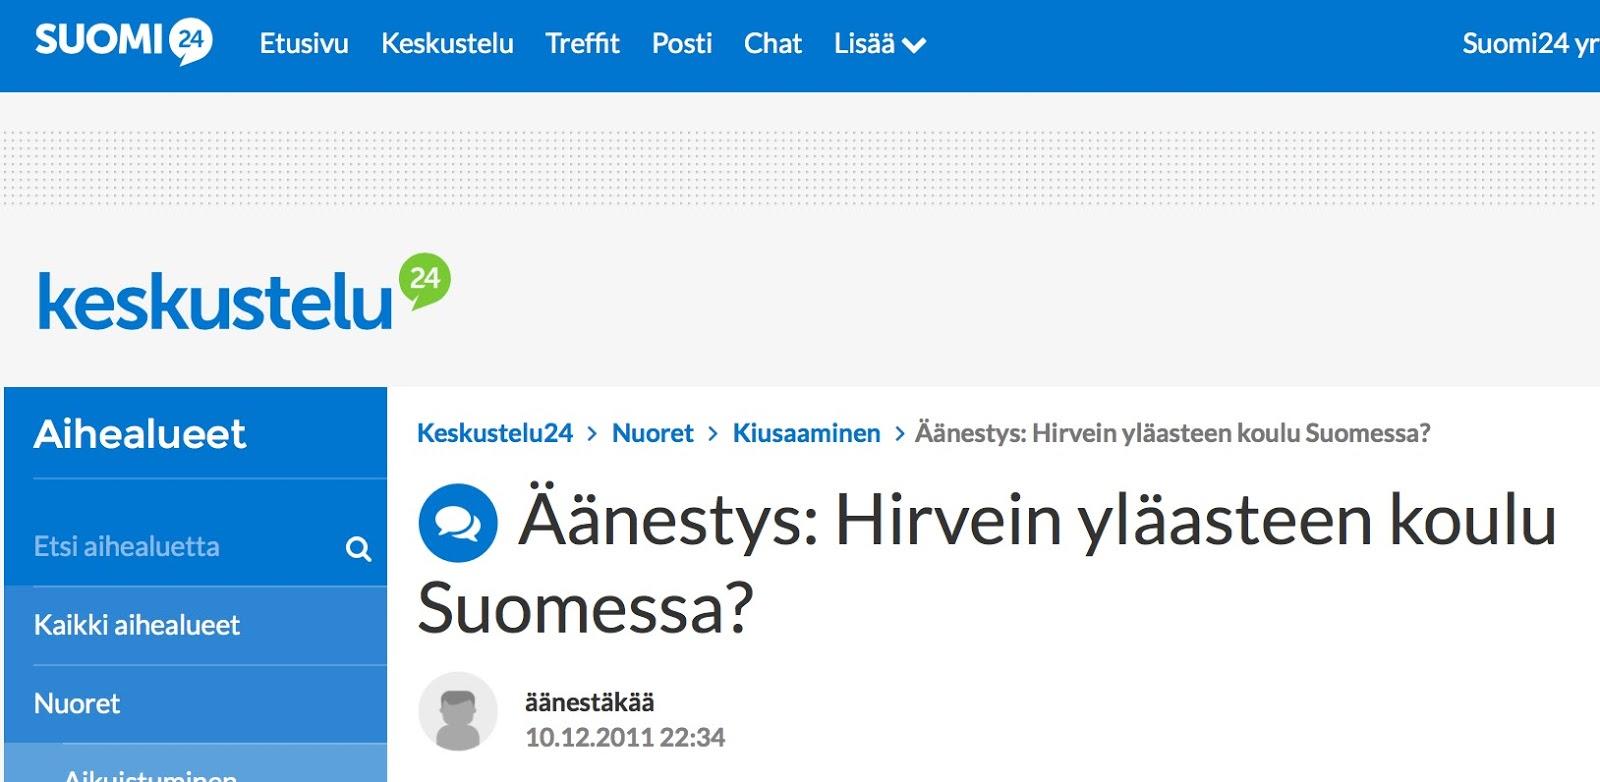 suomi24 chat kokkola avoin yliopisto